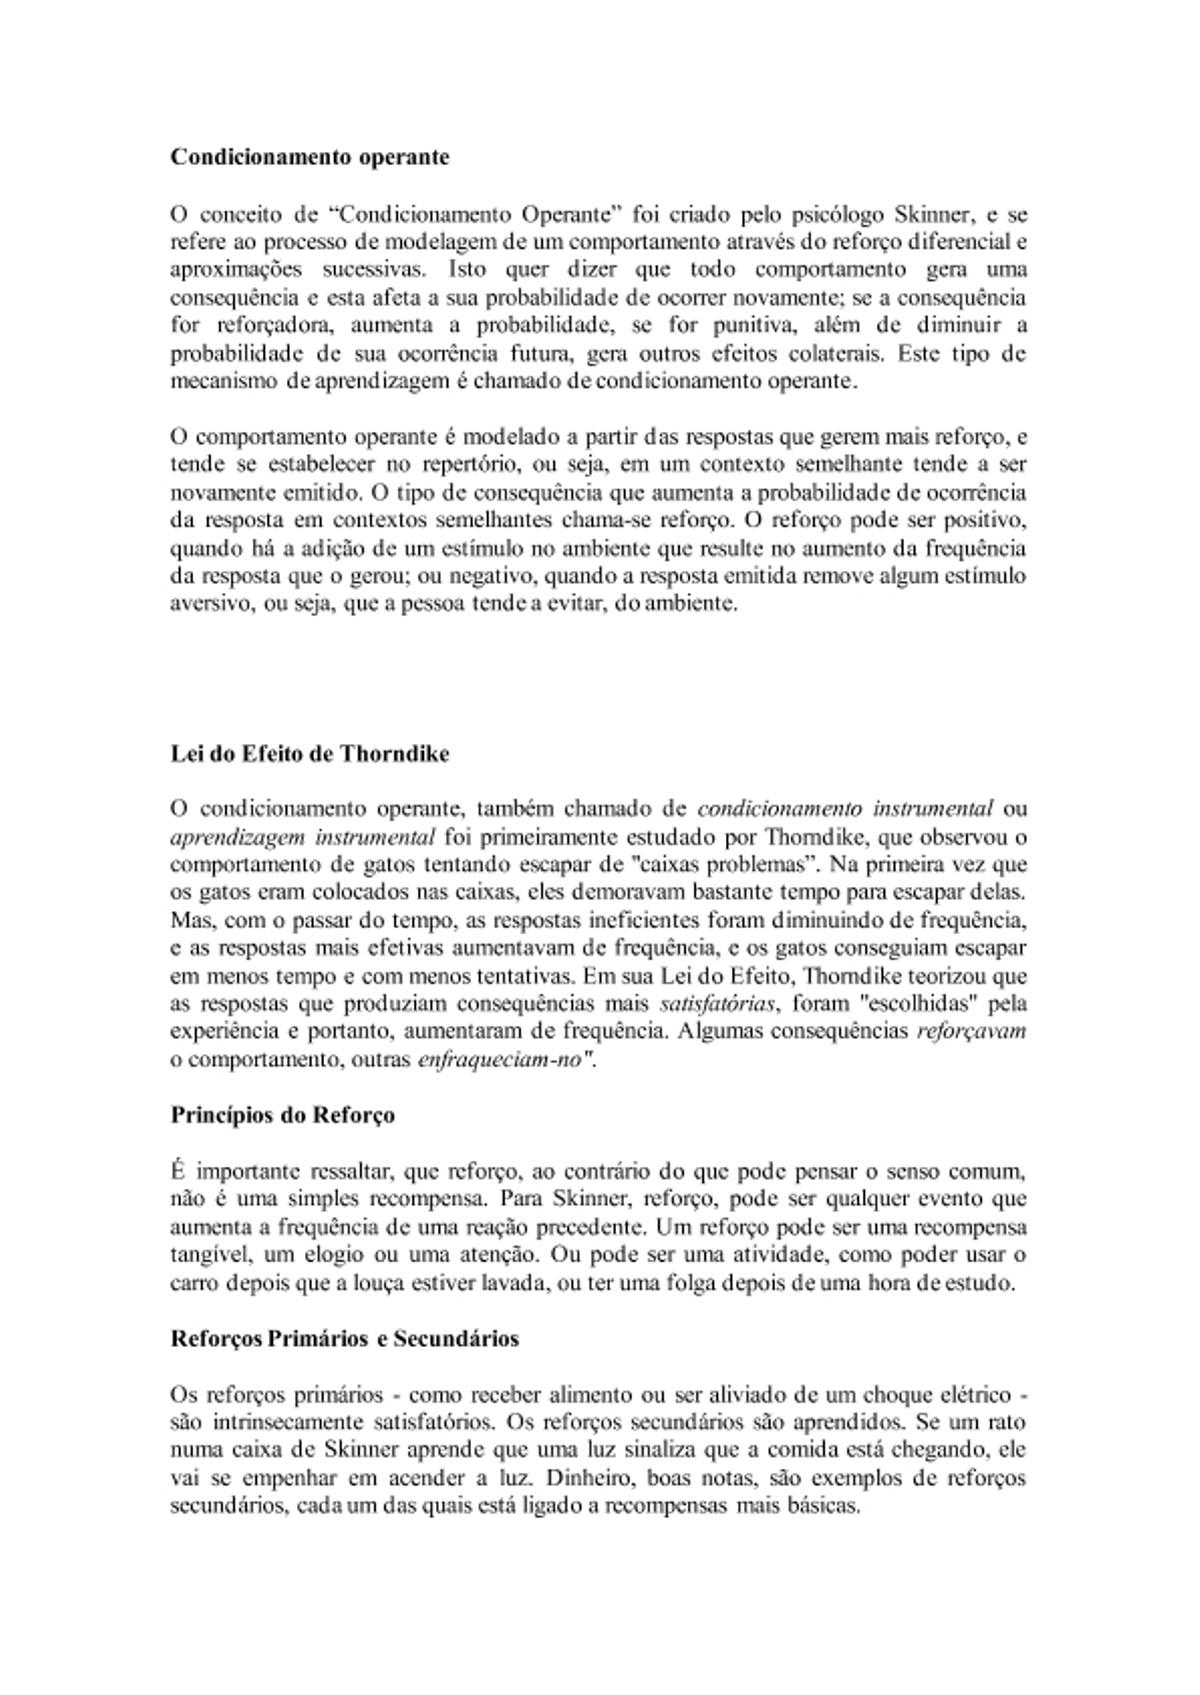 Pre-visualização do material Condicionamento operante - página 1